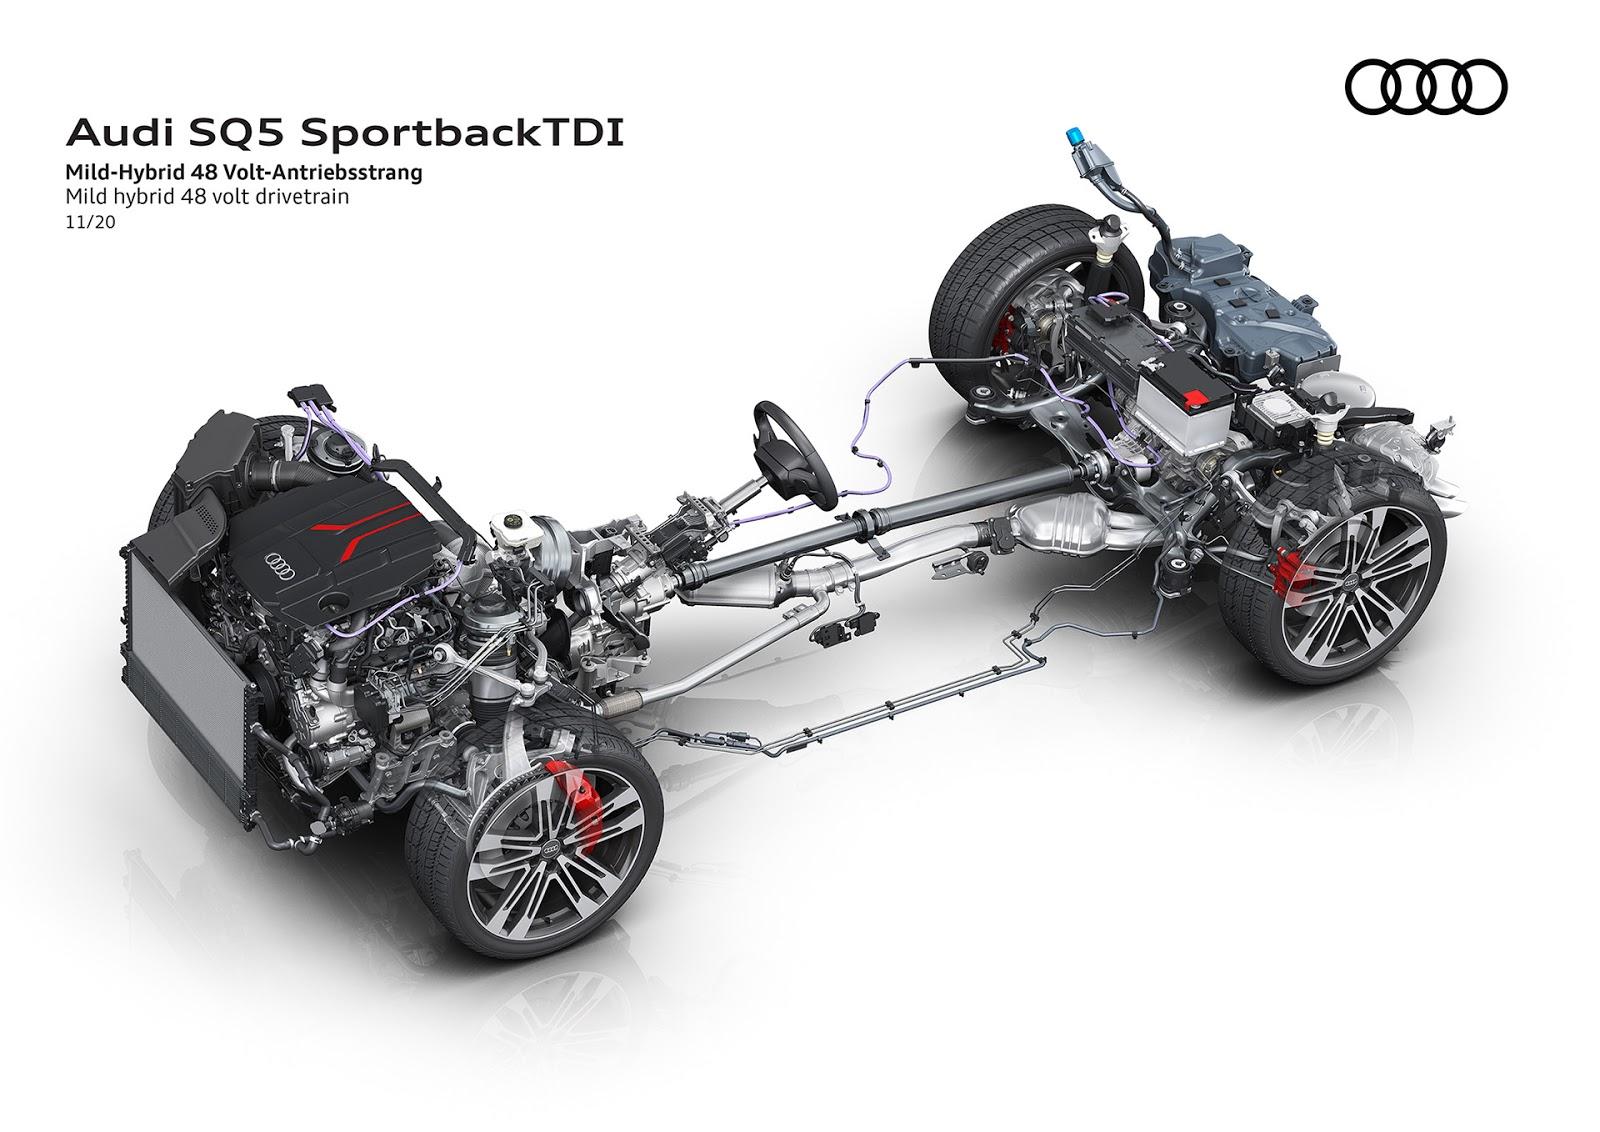 AUDI2BSQ52BSPORTBACK2BTDI 7 Audi SQ5 Sportback TDI: η σπορ έκδοση στην κορυφή της γκάμας του μοντέλου Audi, Audi SQ5, SQ5, ειδήσεις, καινούργιο, καινούρια, καινούριο